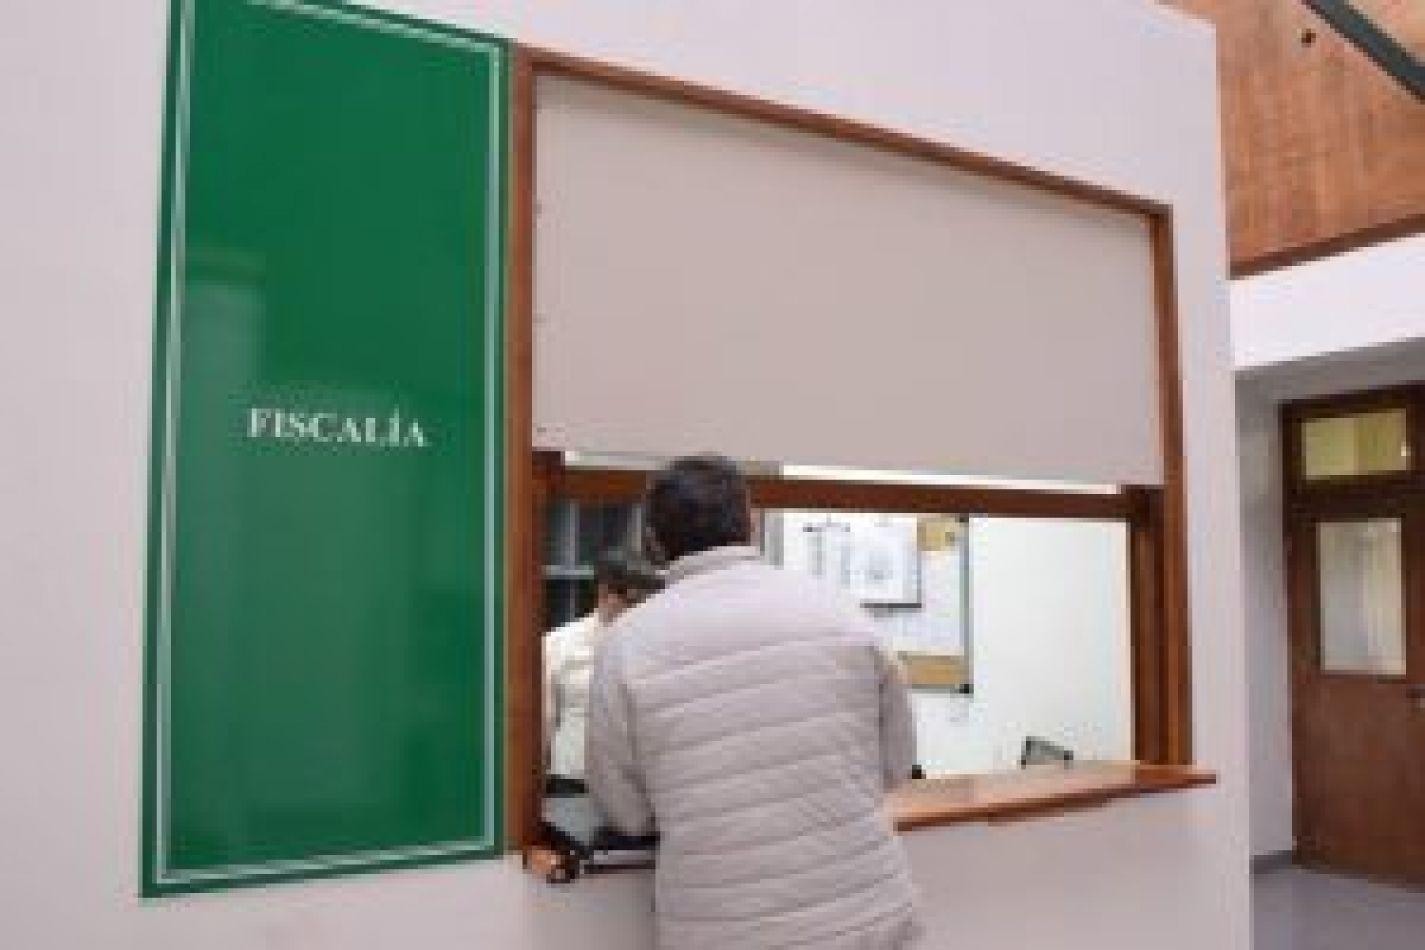 Investigan la comisión de varios delitos tras el incendio de una vivienda en Ushuaia